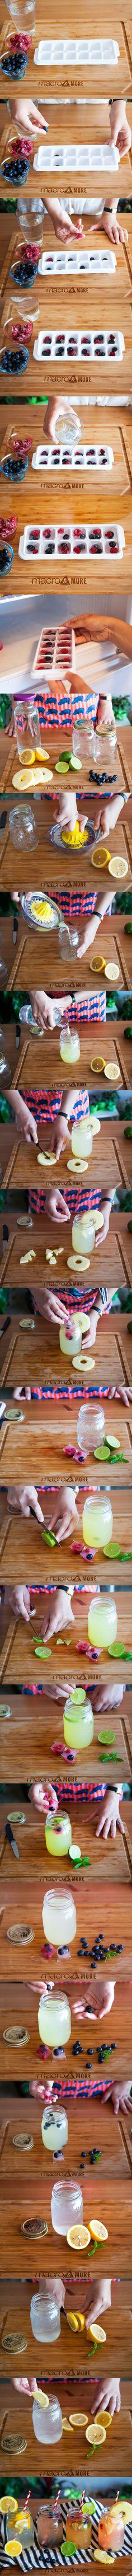 Sıcak havalara lezzetli çözüm! Meyveli buzlar son trend kavanoz bardaklarda...Peki nasıl yapılır? Tüm detayları macromore.com'da! #fresh #best #summer #drink #fruit #love #peppermint #lemon #pineapple #lime #instagood #tips #macrocenter #macroandmore #macrotips